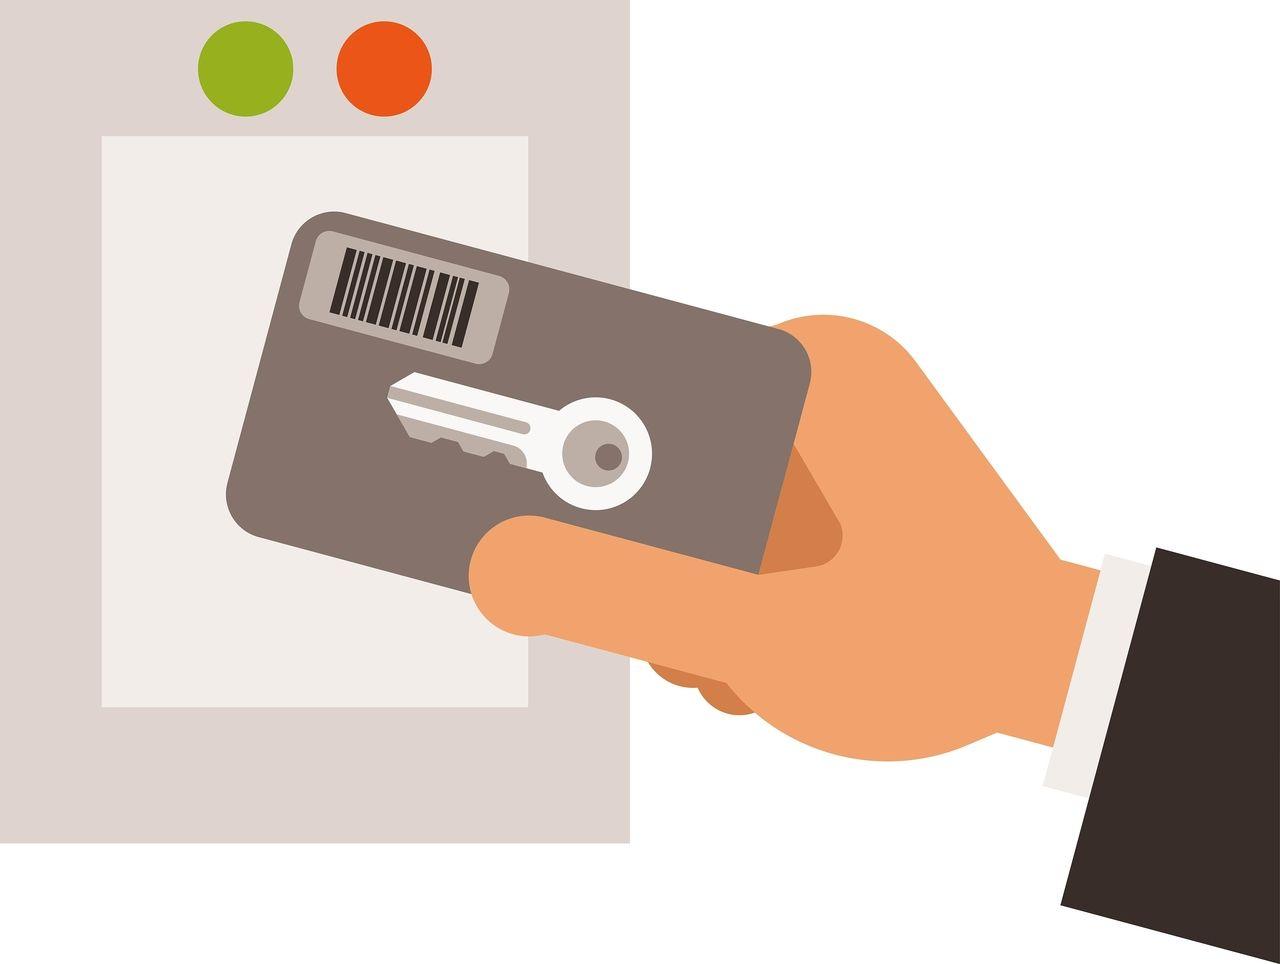 カードキーのメリットは防犯面ですが、その反面締め出されるデメリットも